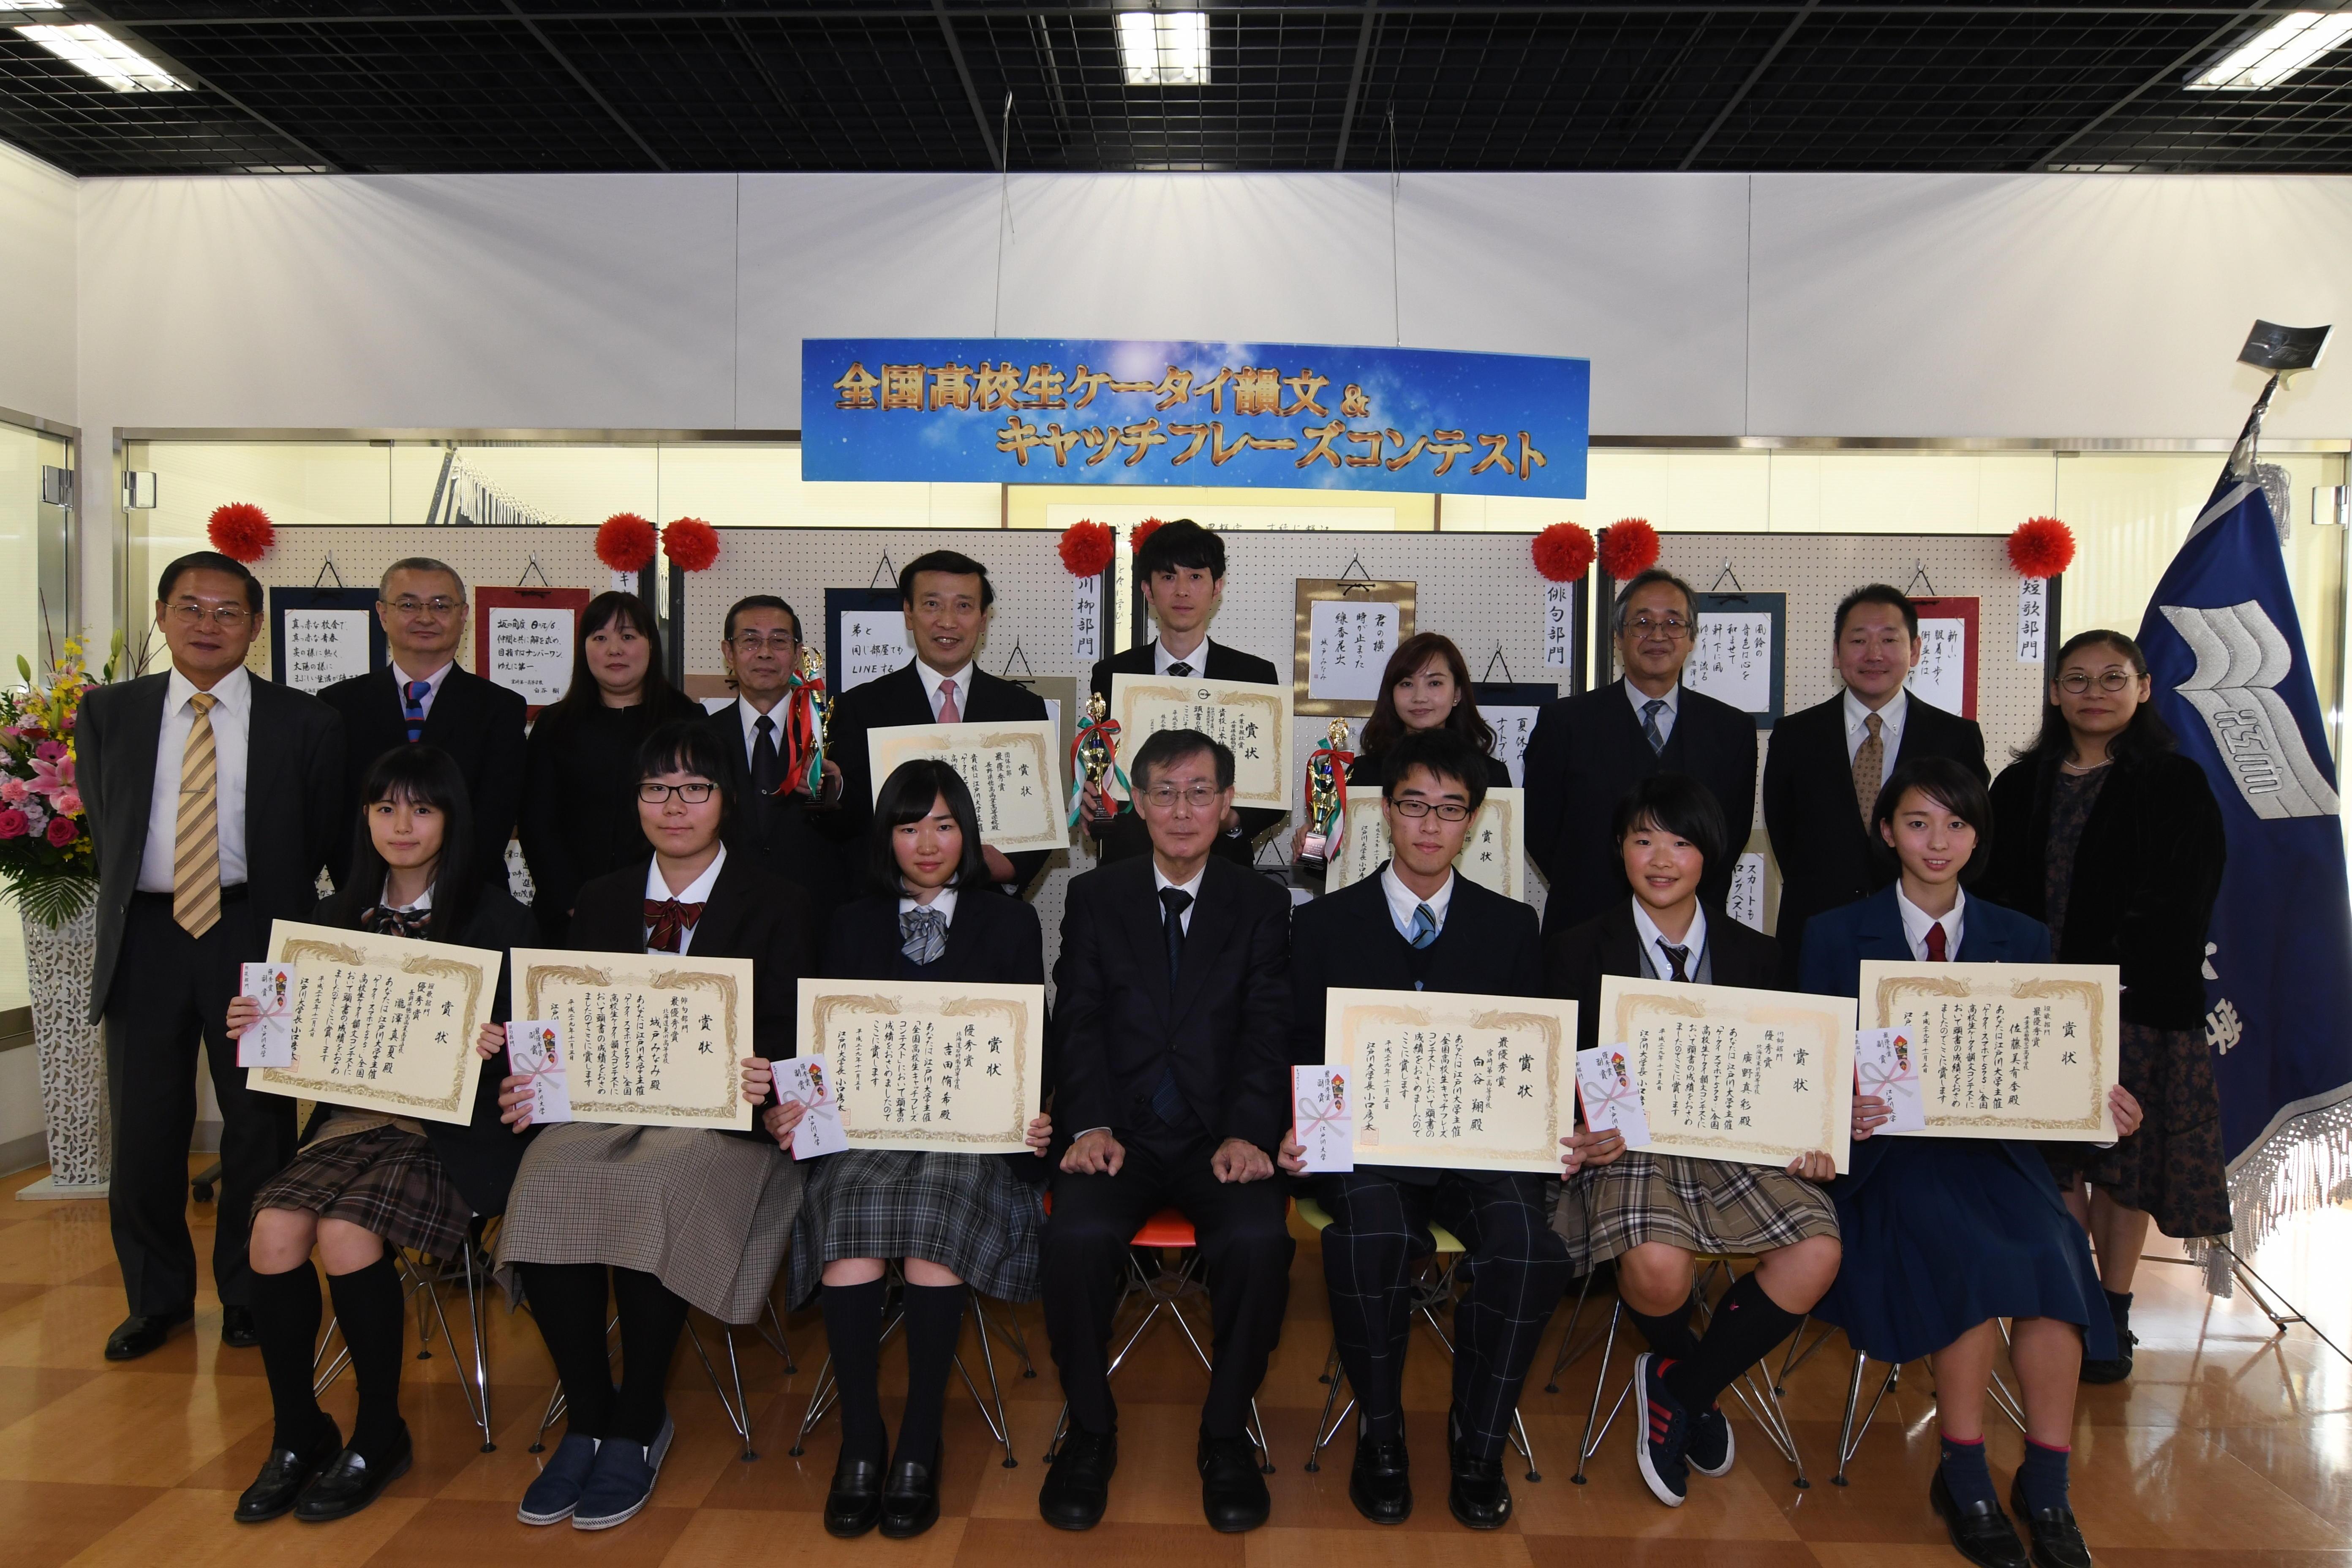 江戸川大学が「全国高校生ケータイ韻文コンテスト」を開催 -- 9月14日まで作品を募集中